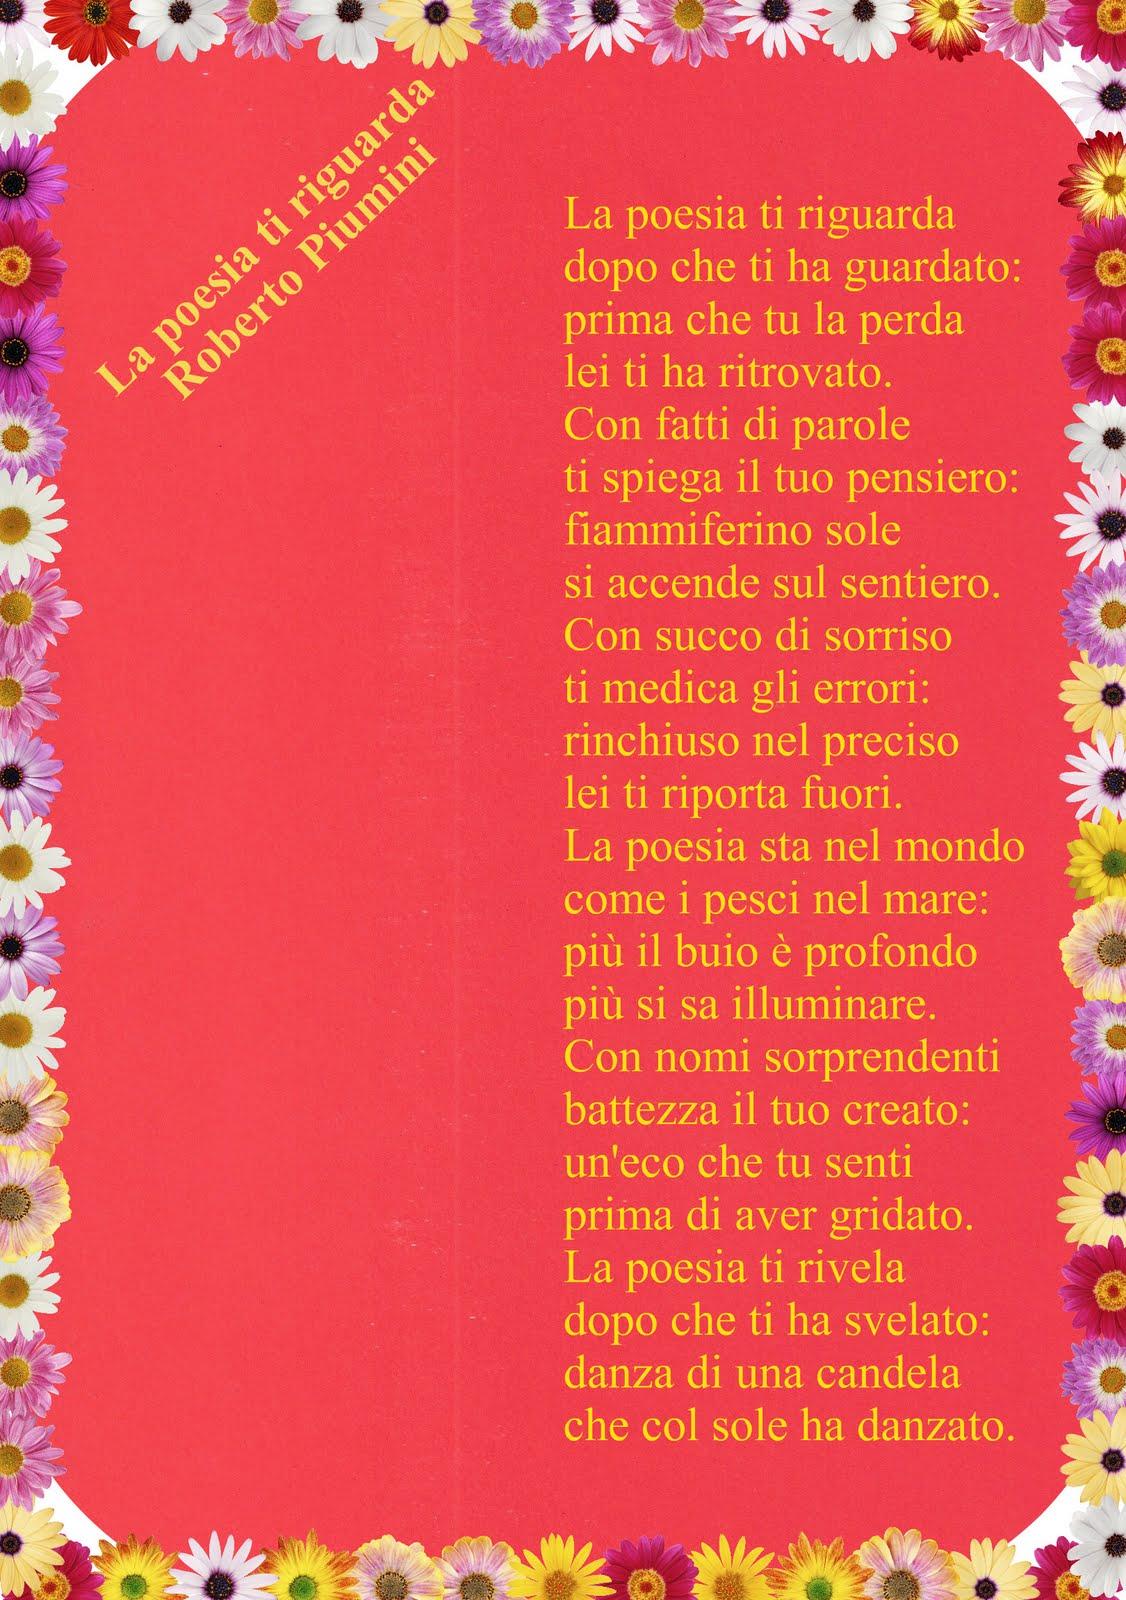 Eccezionale Giovanni Pistoia: LA POESIA TI RIGUARDA di Roberto PIUMINI ZD94